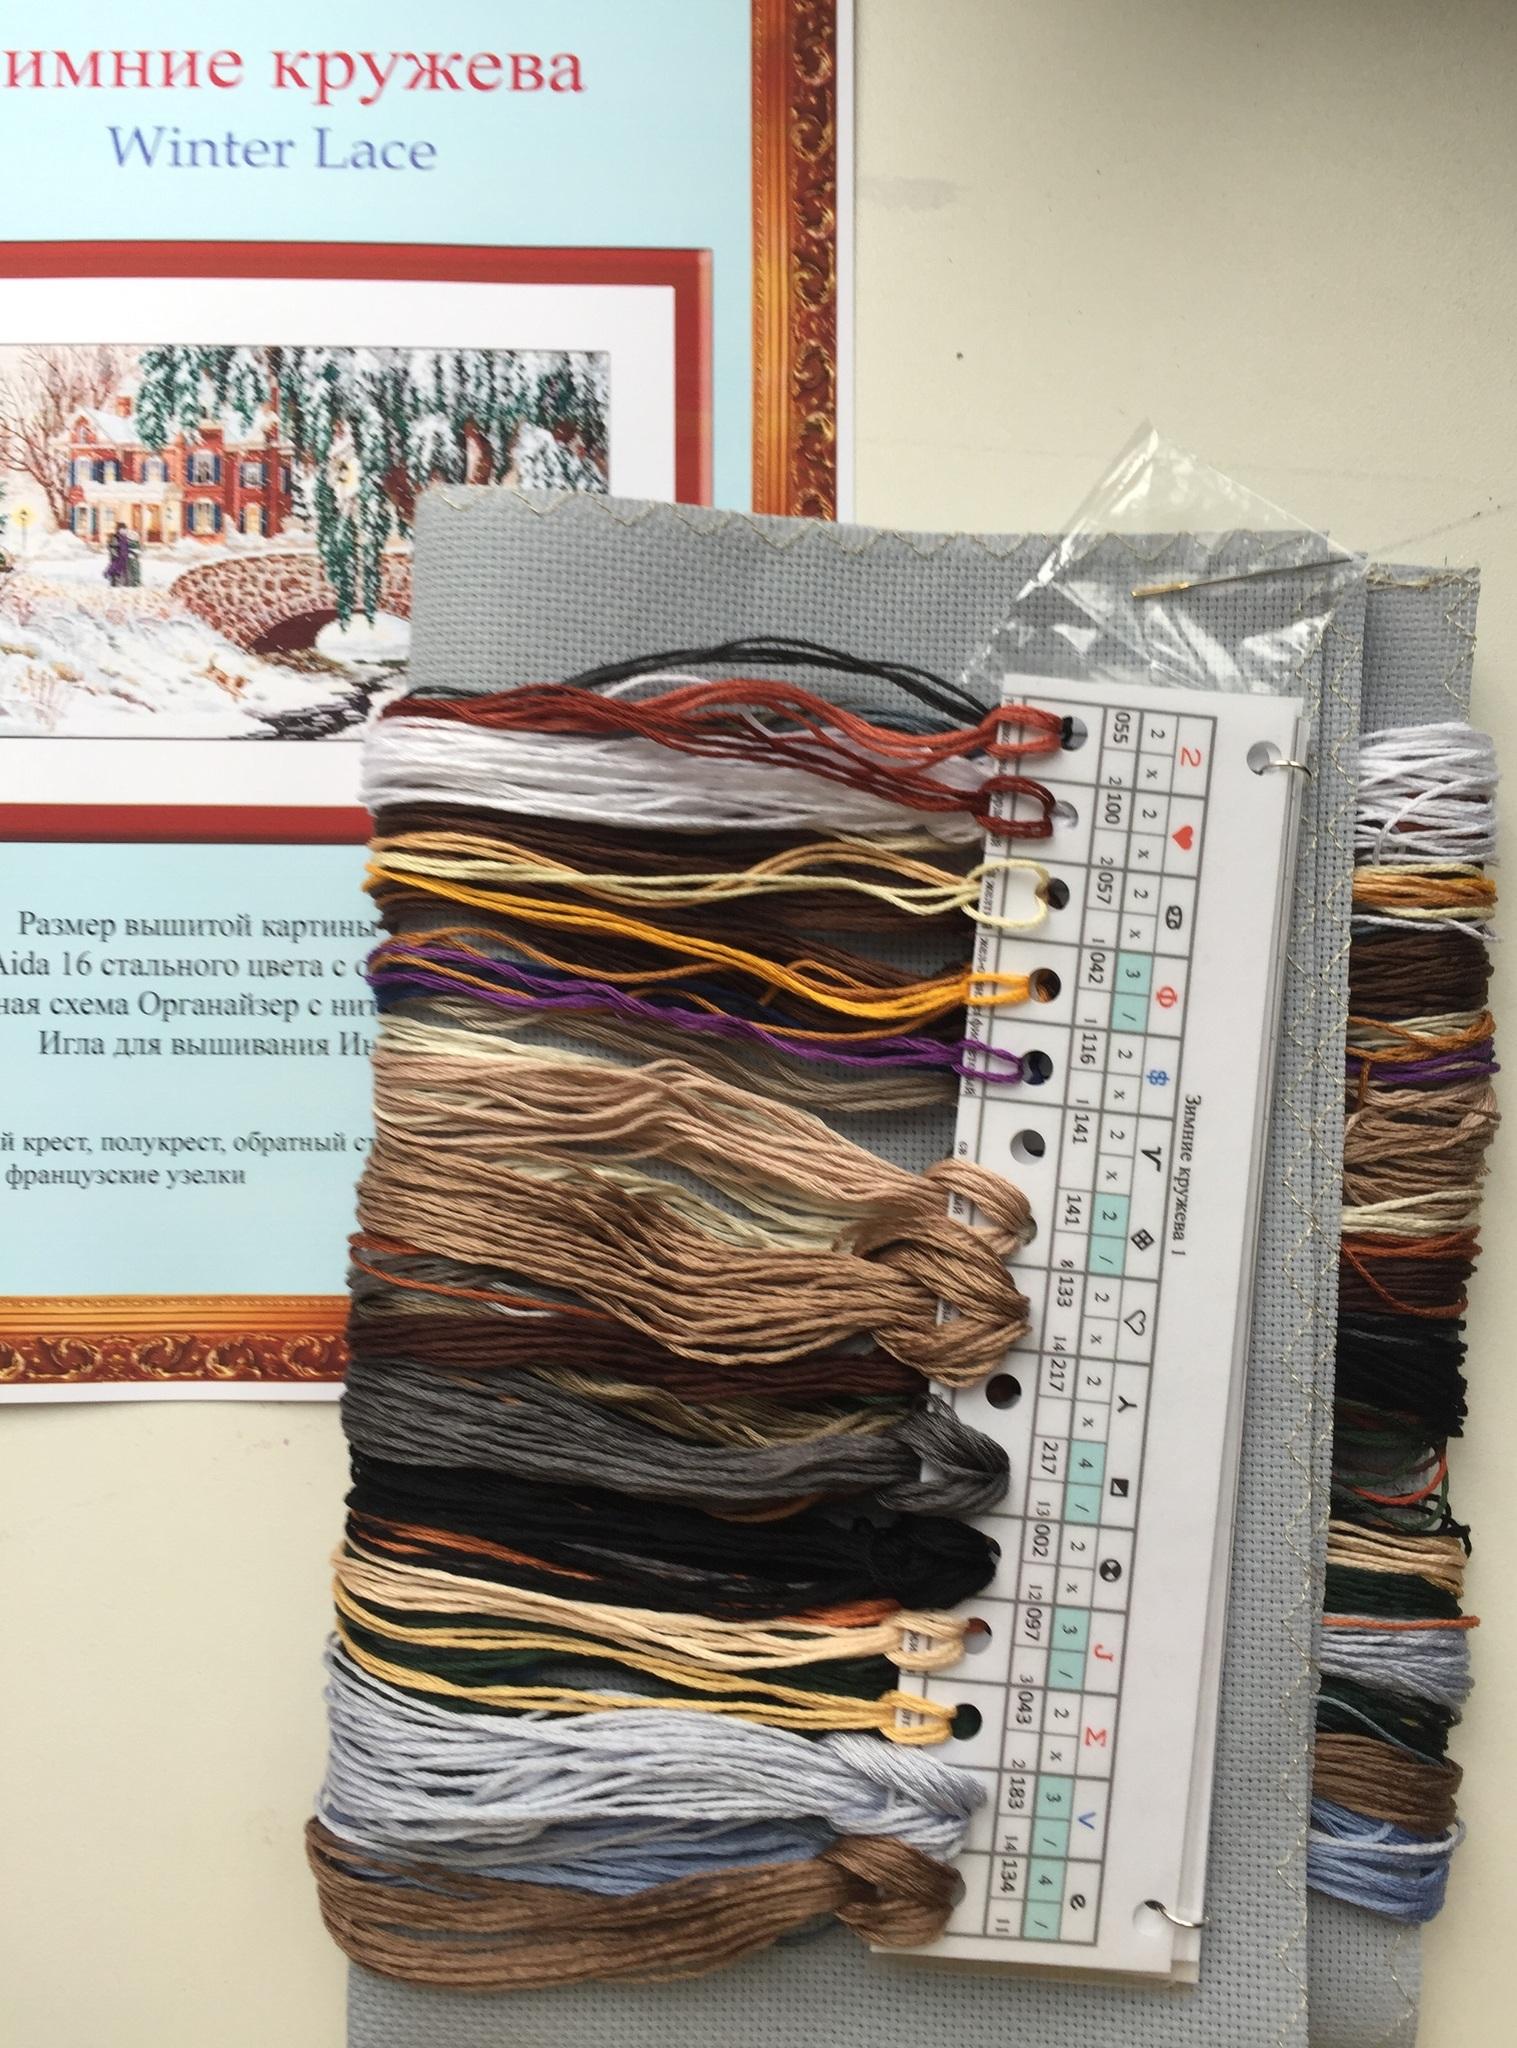 Набор для вышивания. Зимние кружева. Winter Lace. Арт. 35111